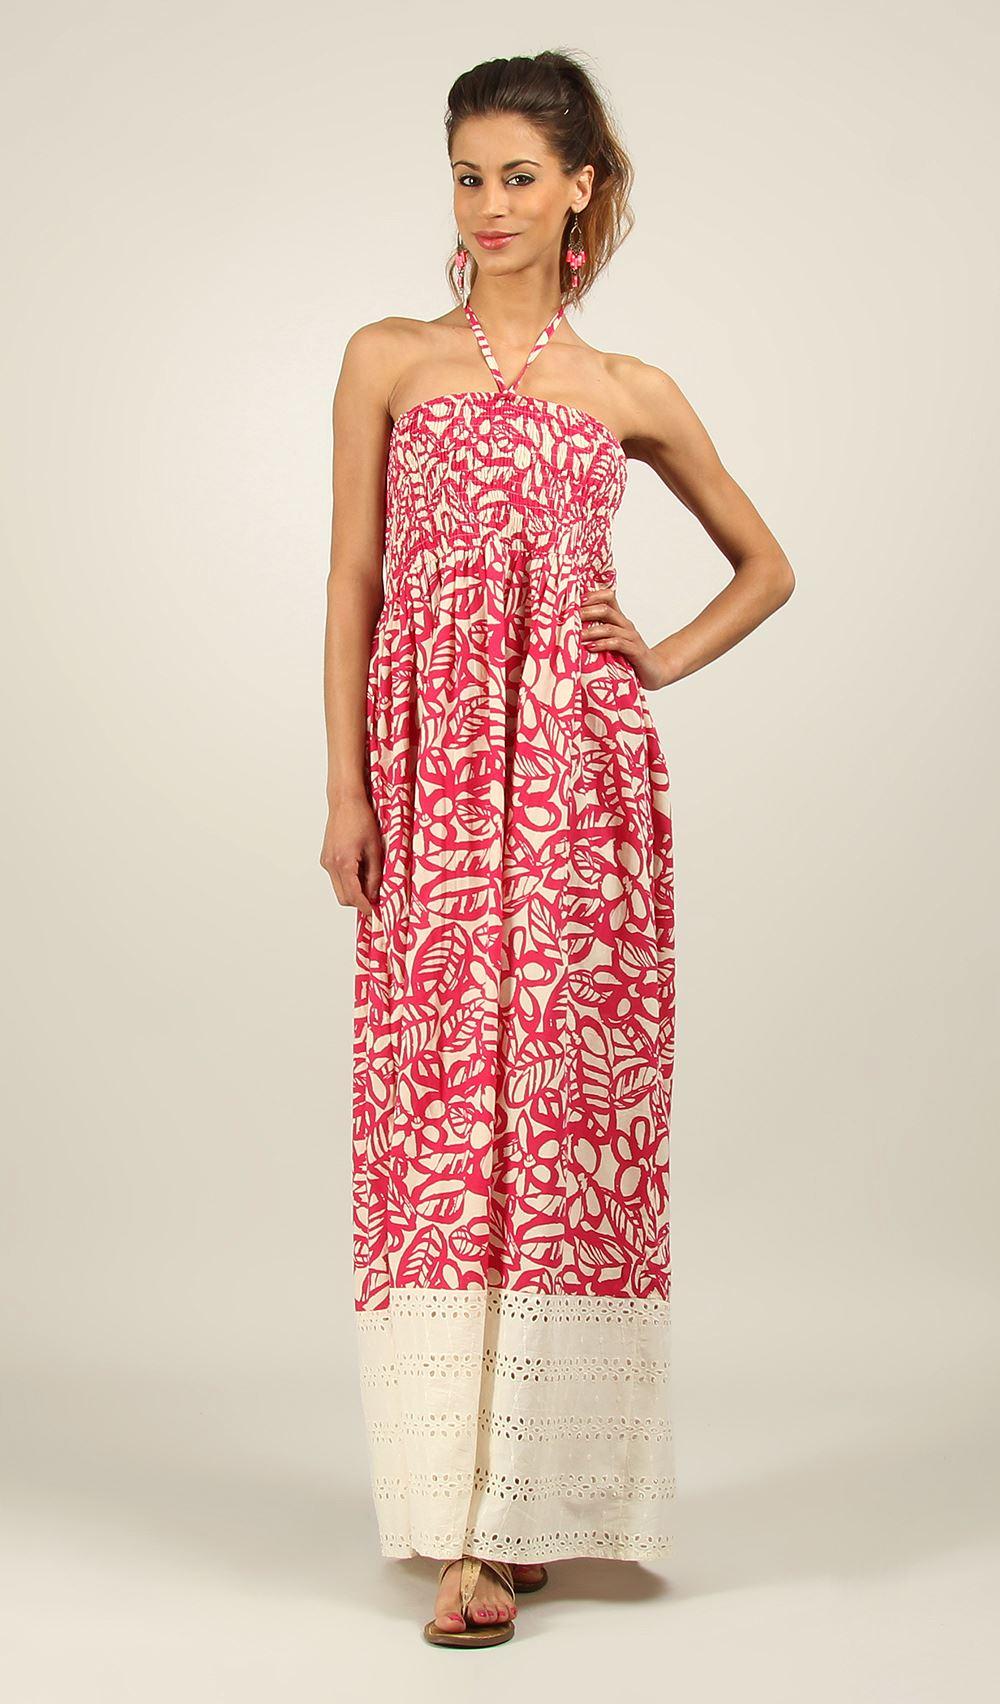 New-Ladies-Kushi-Summer-Sleeveless-Gypsy-Holiday-Maxi-Long-Dress-Size-10-22